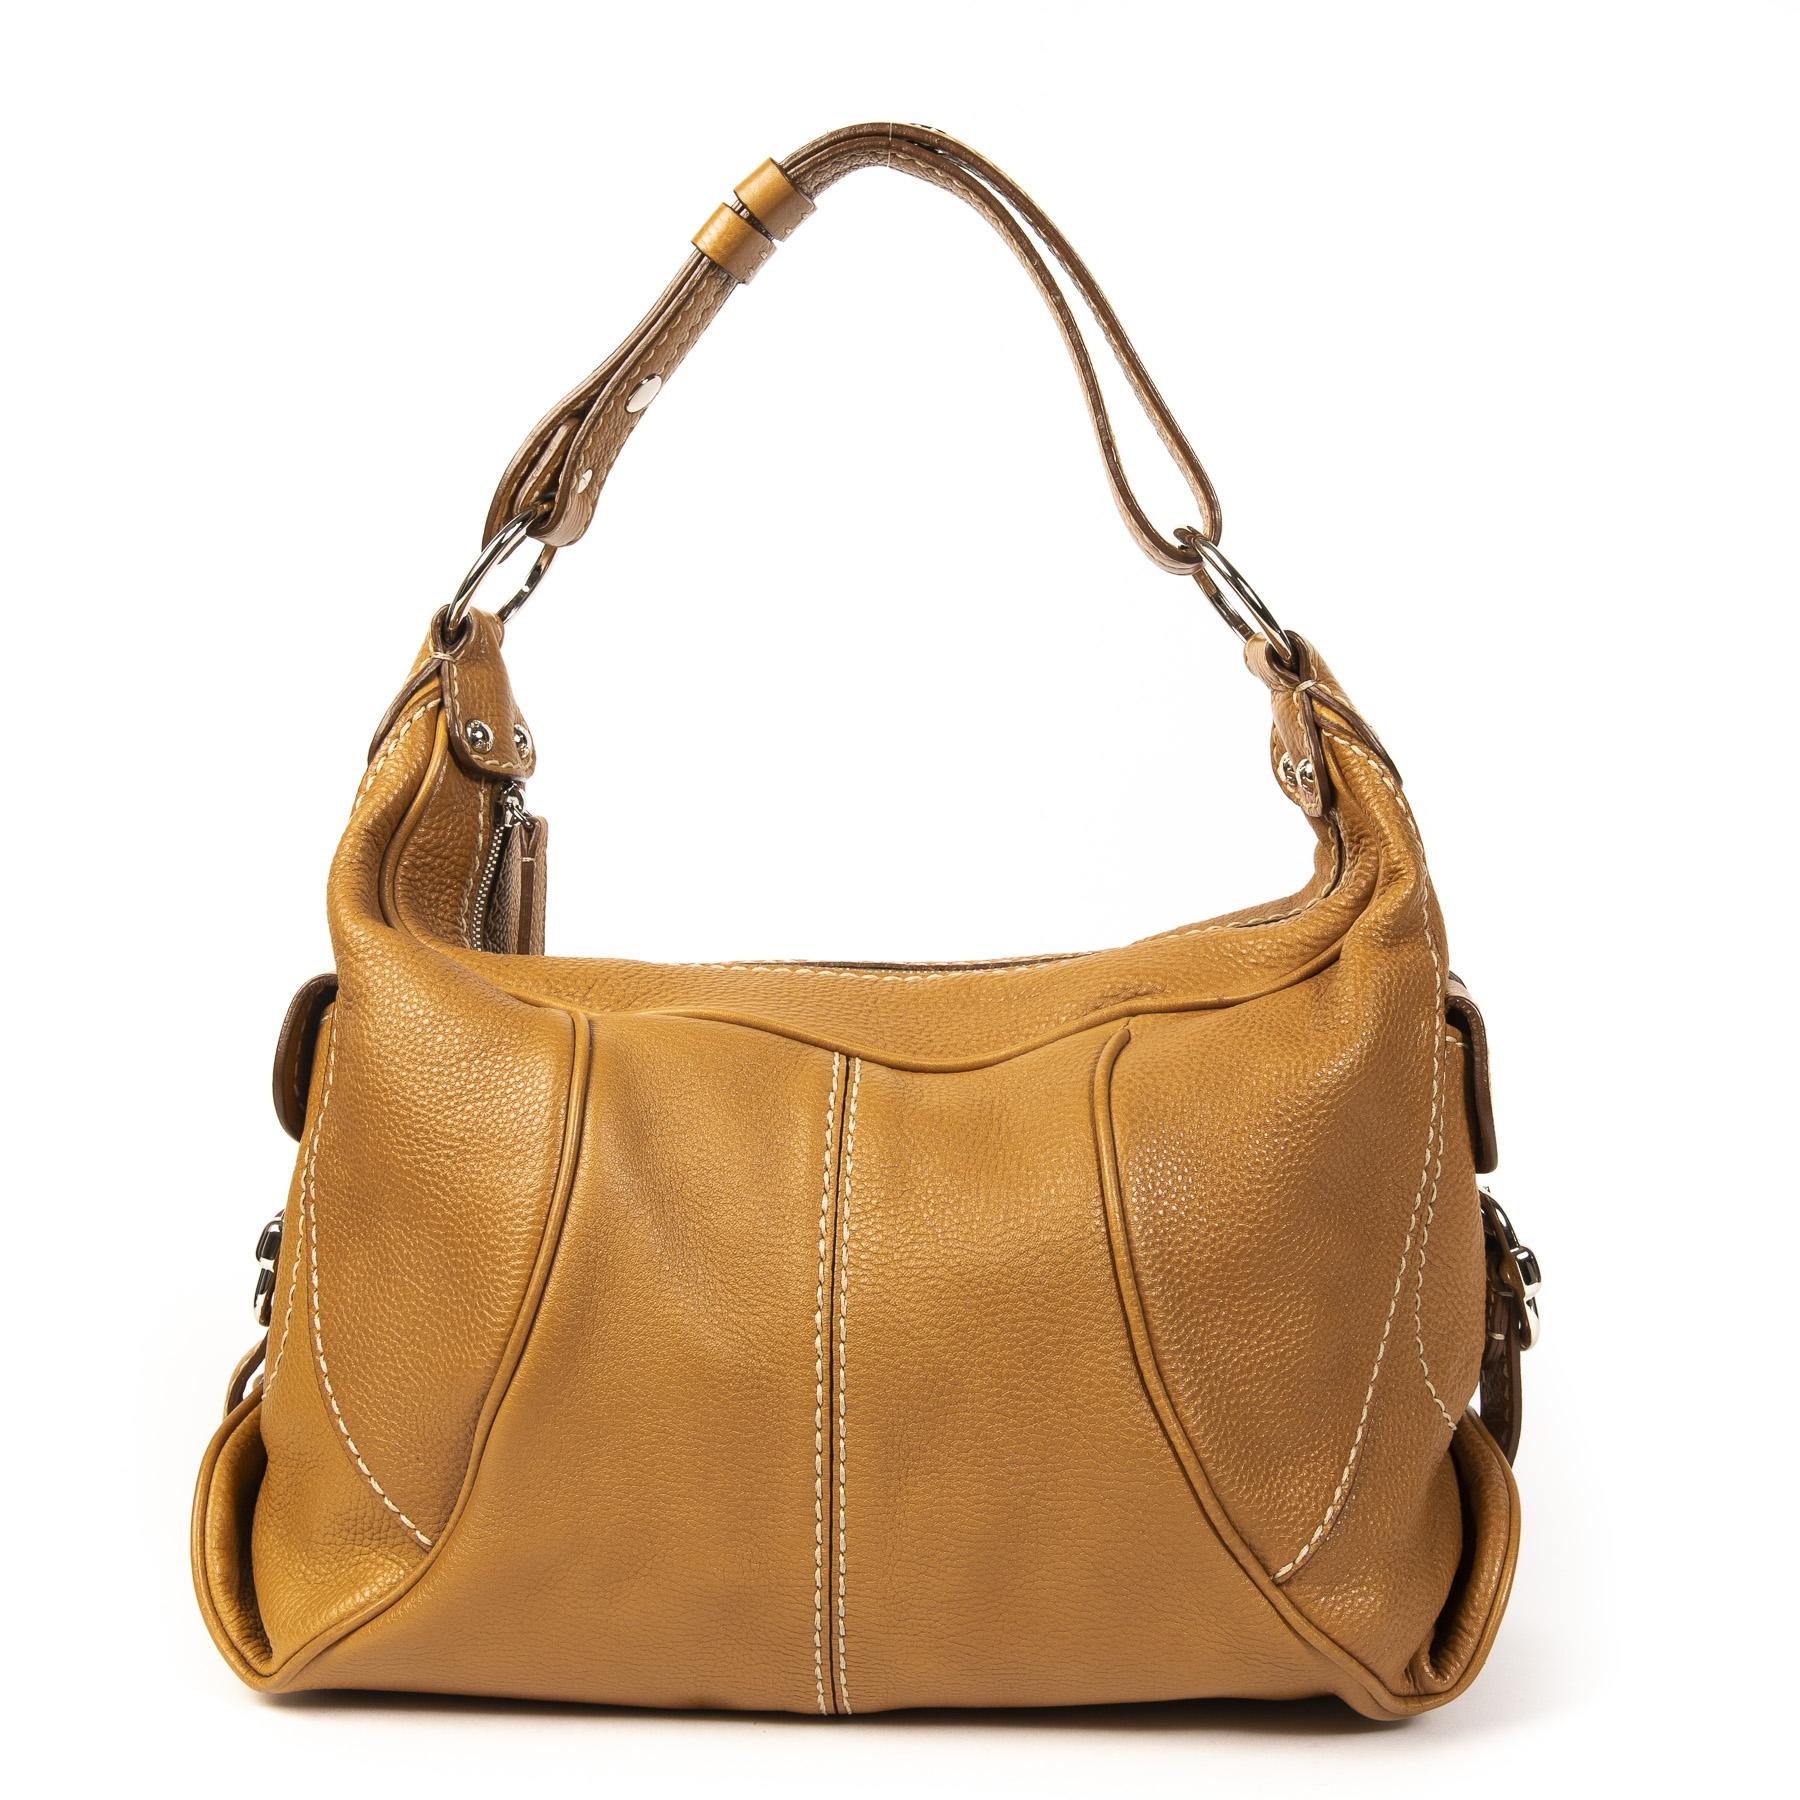 Authentieke Tweedehands Tods Camel Shoulder Bag juiste prijs veilig online shoppen luxe merken webshop winkelen Antwerpen België mode fashion